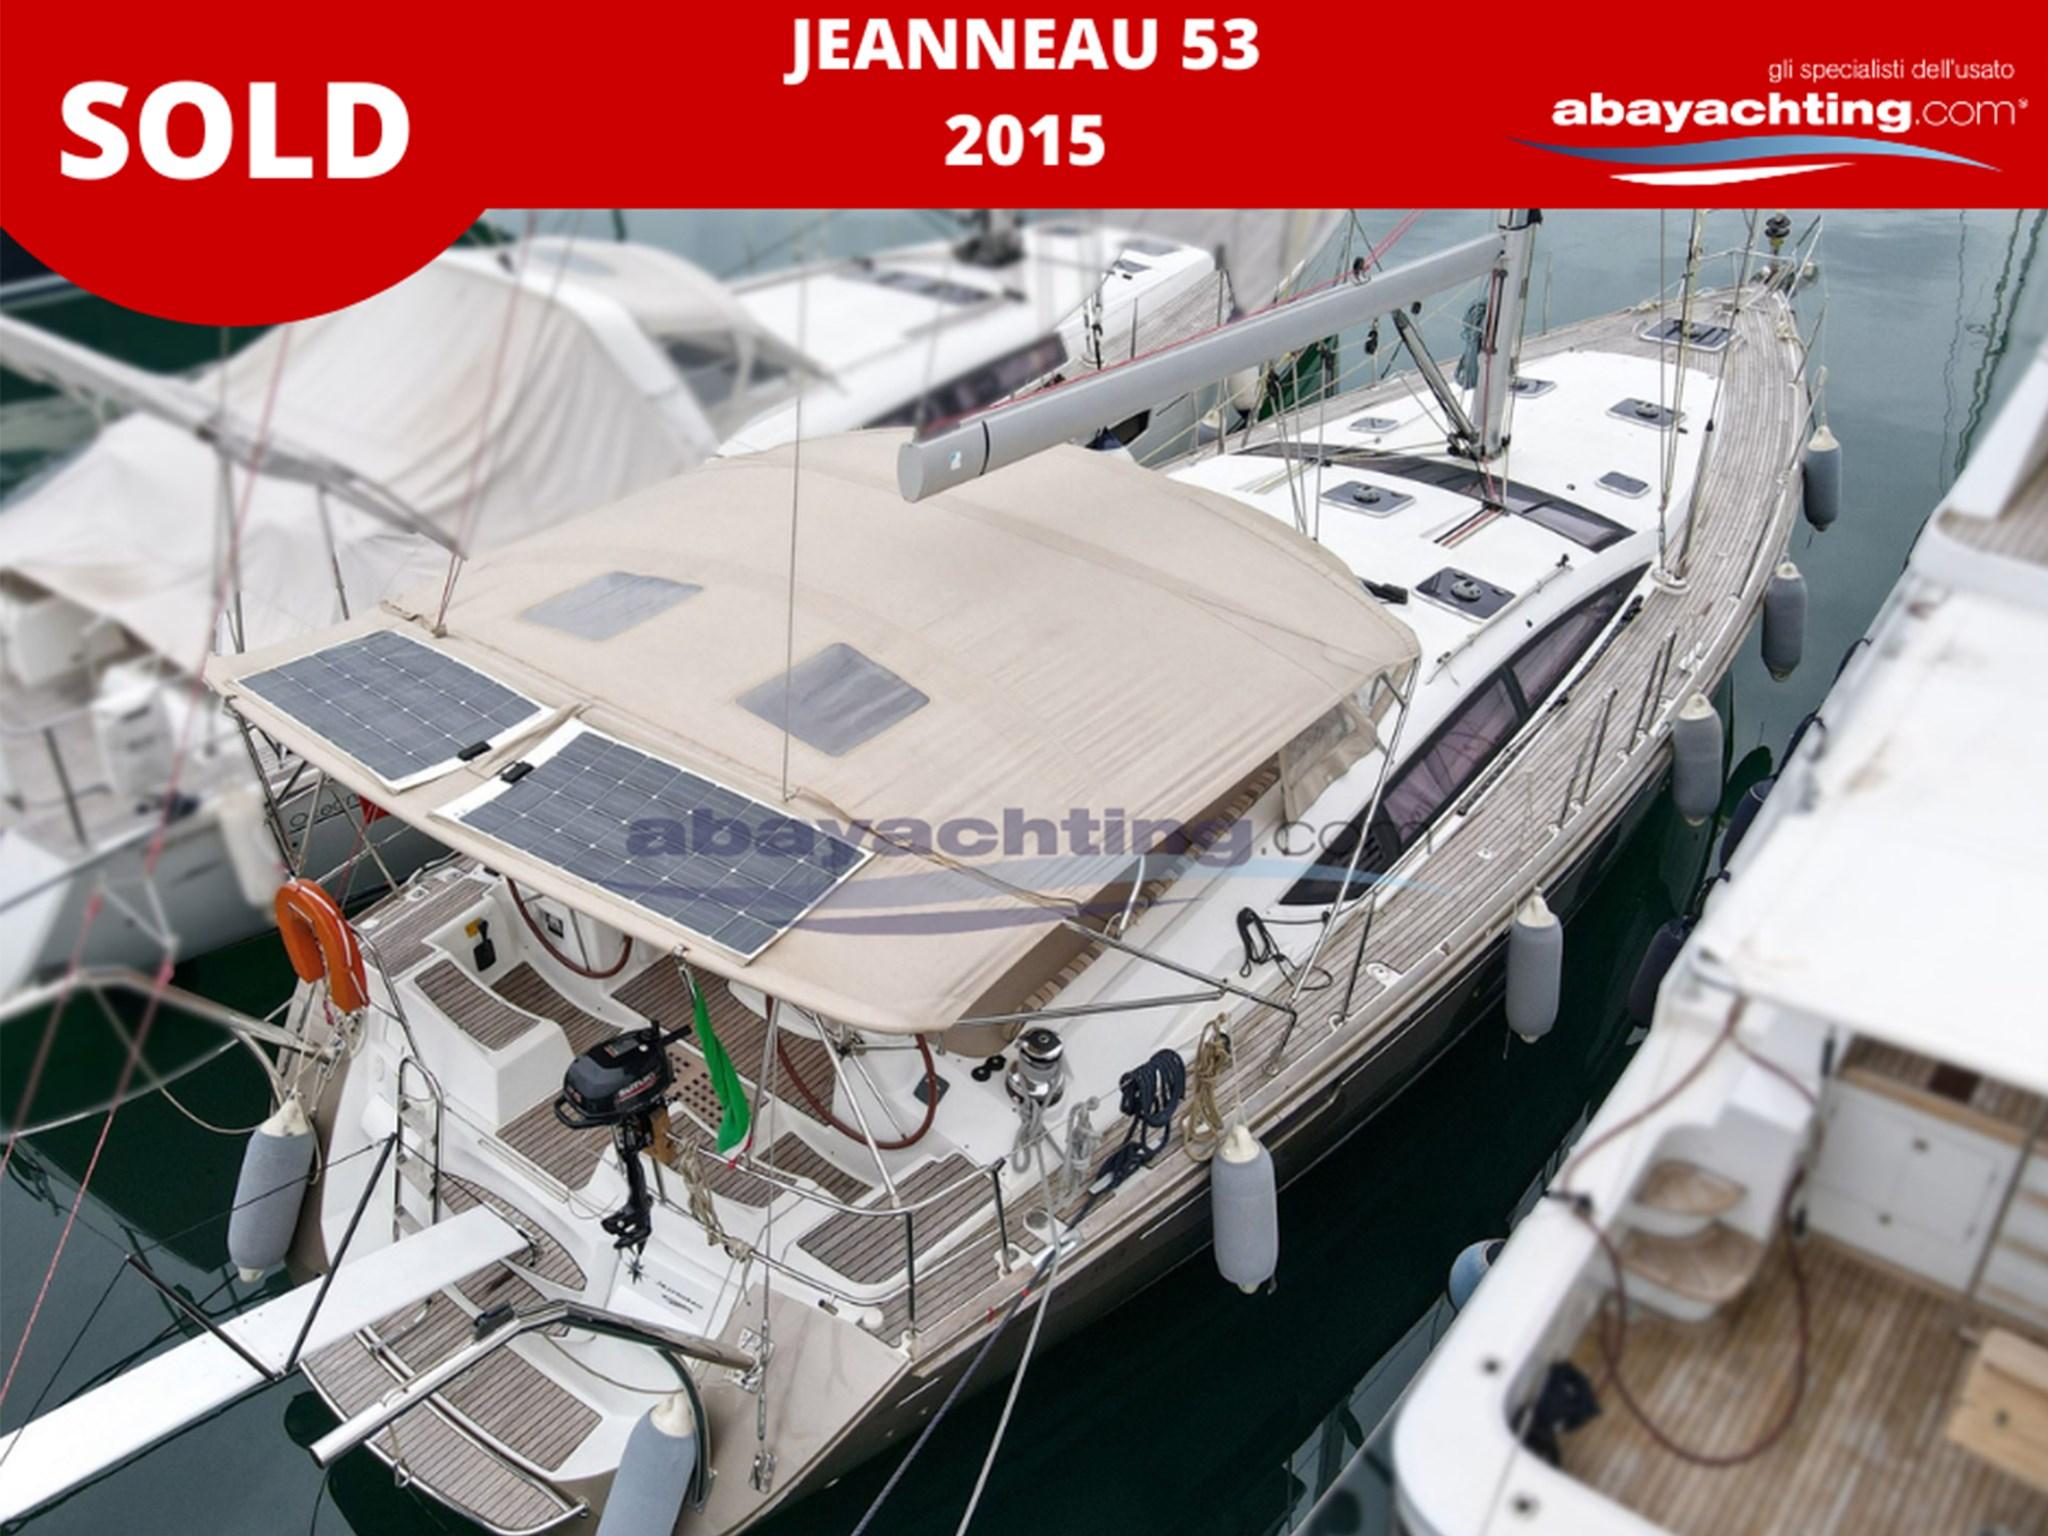 Jeanneau 53 2015 sold